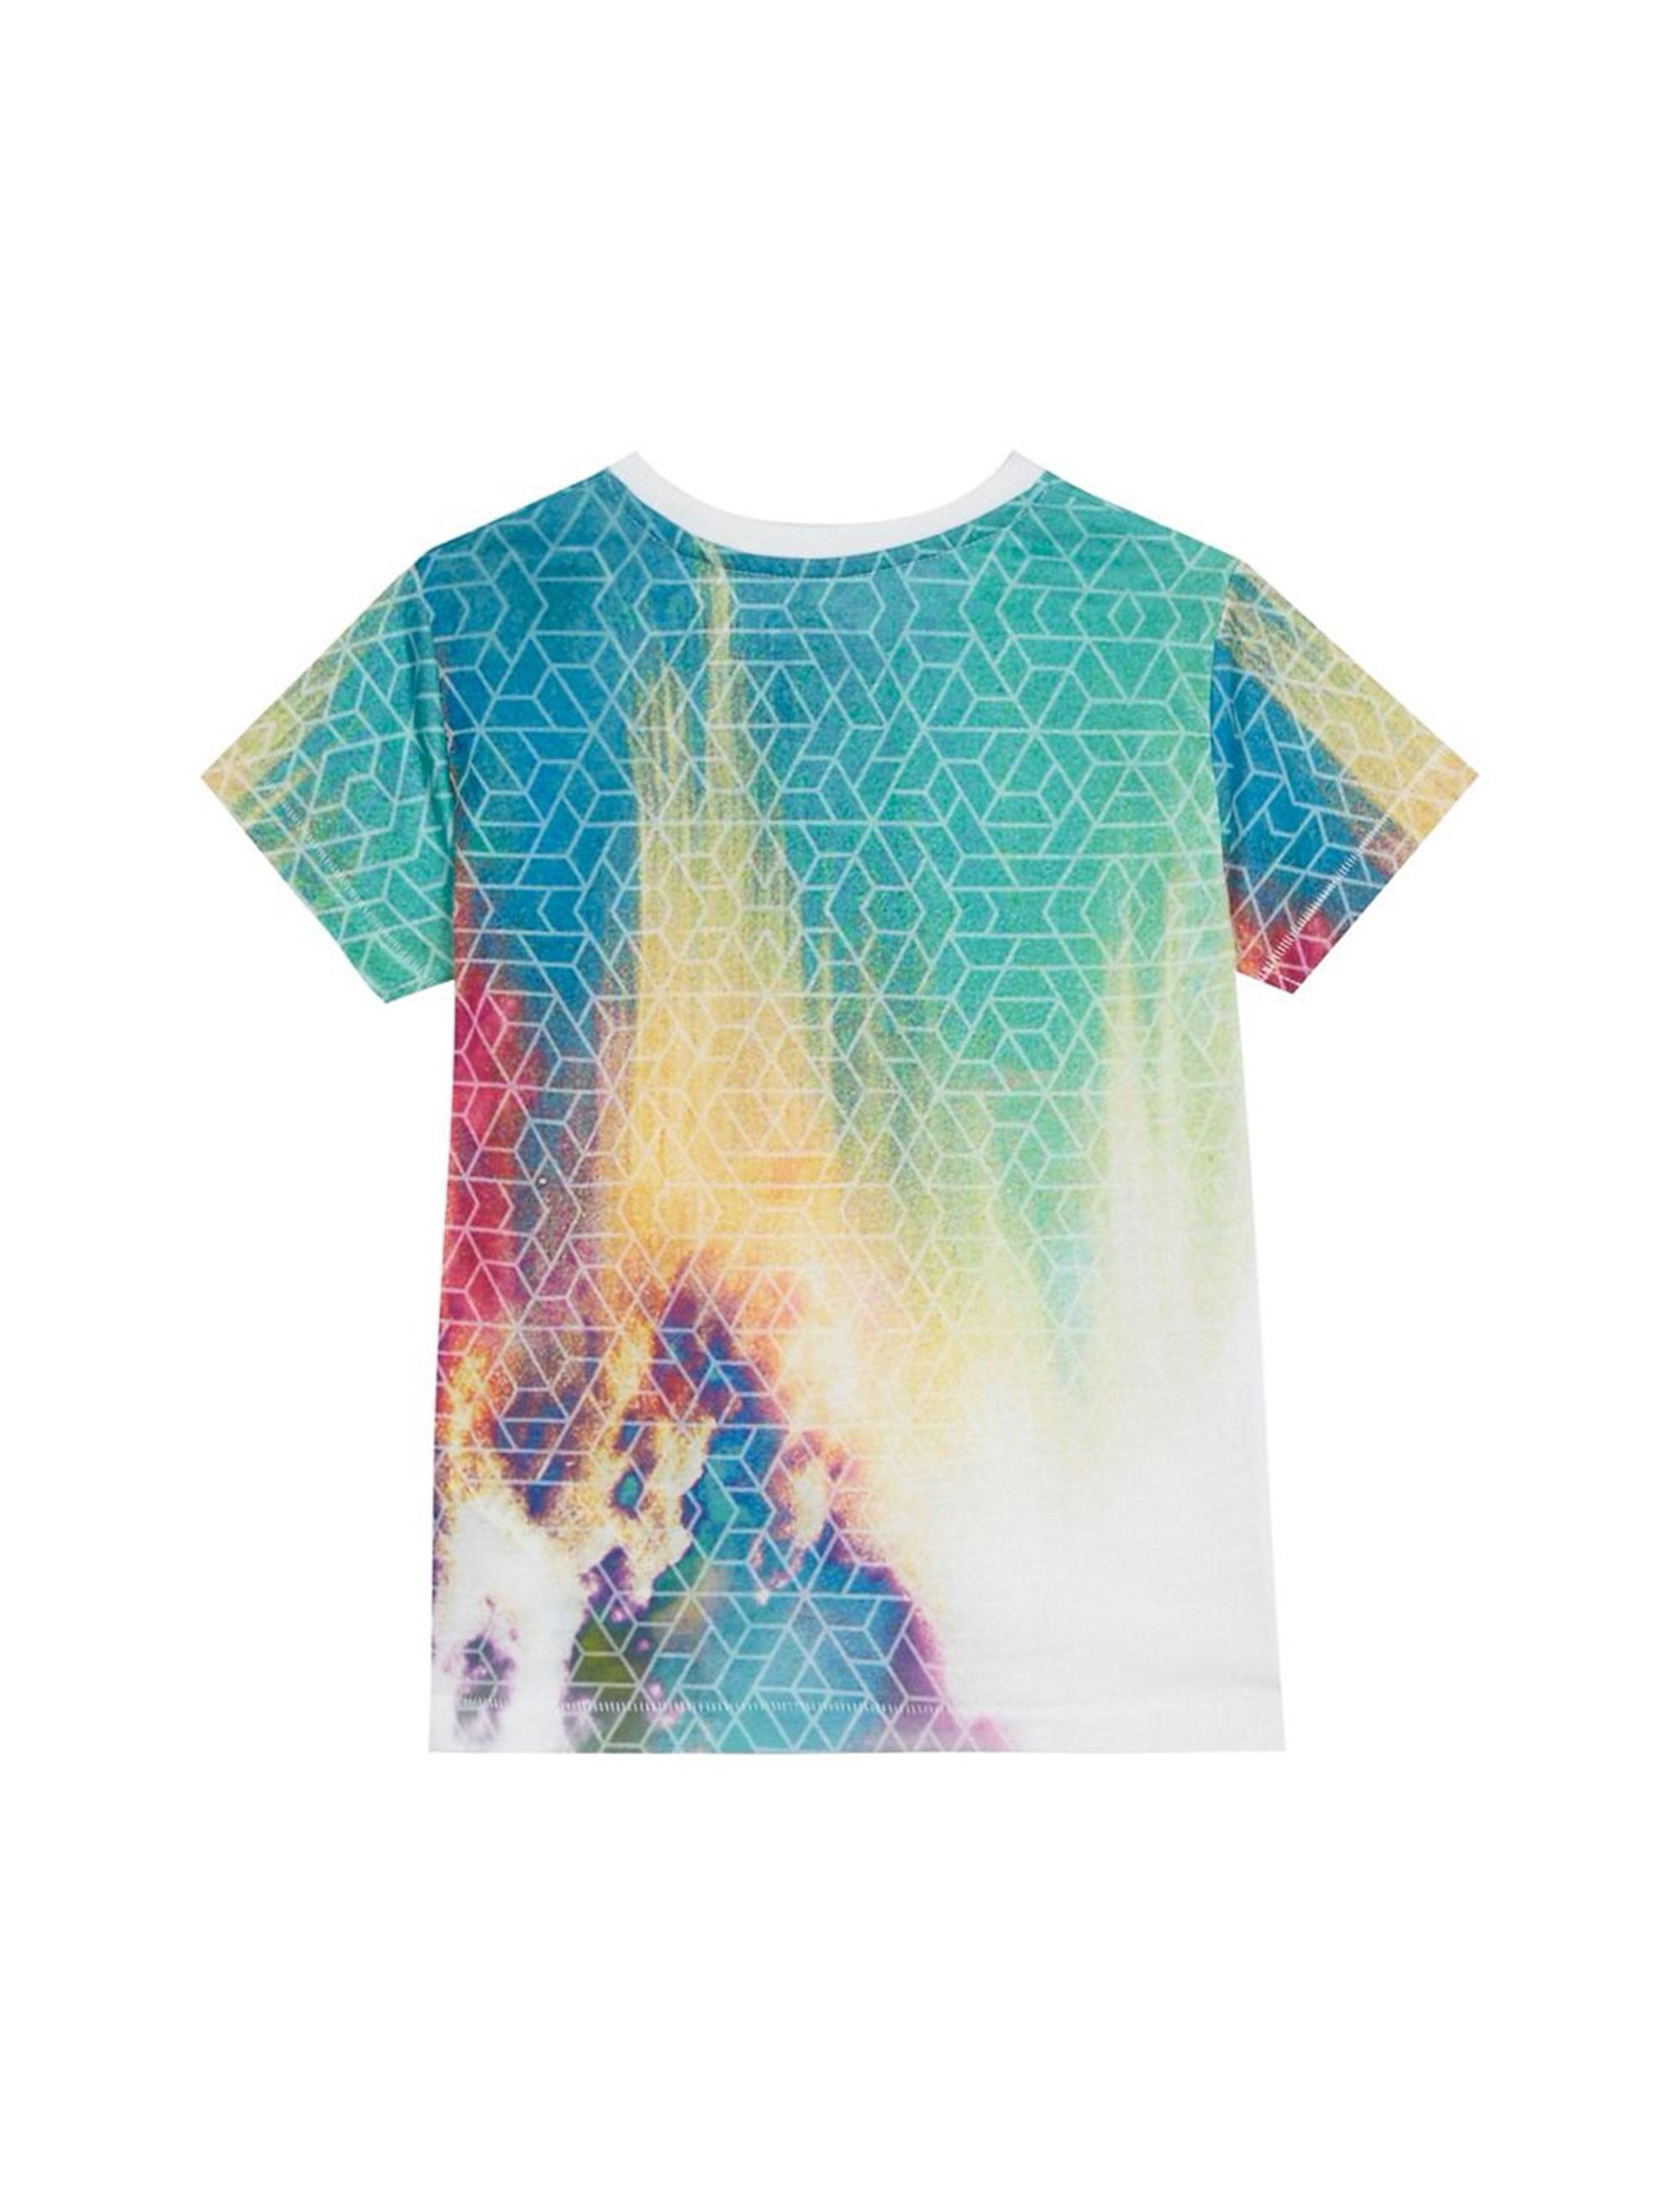 تی شرت آستین کوتاه پسرانه - چند رنگ - 2